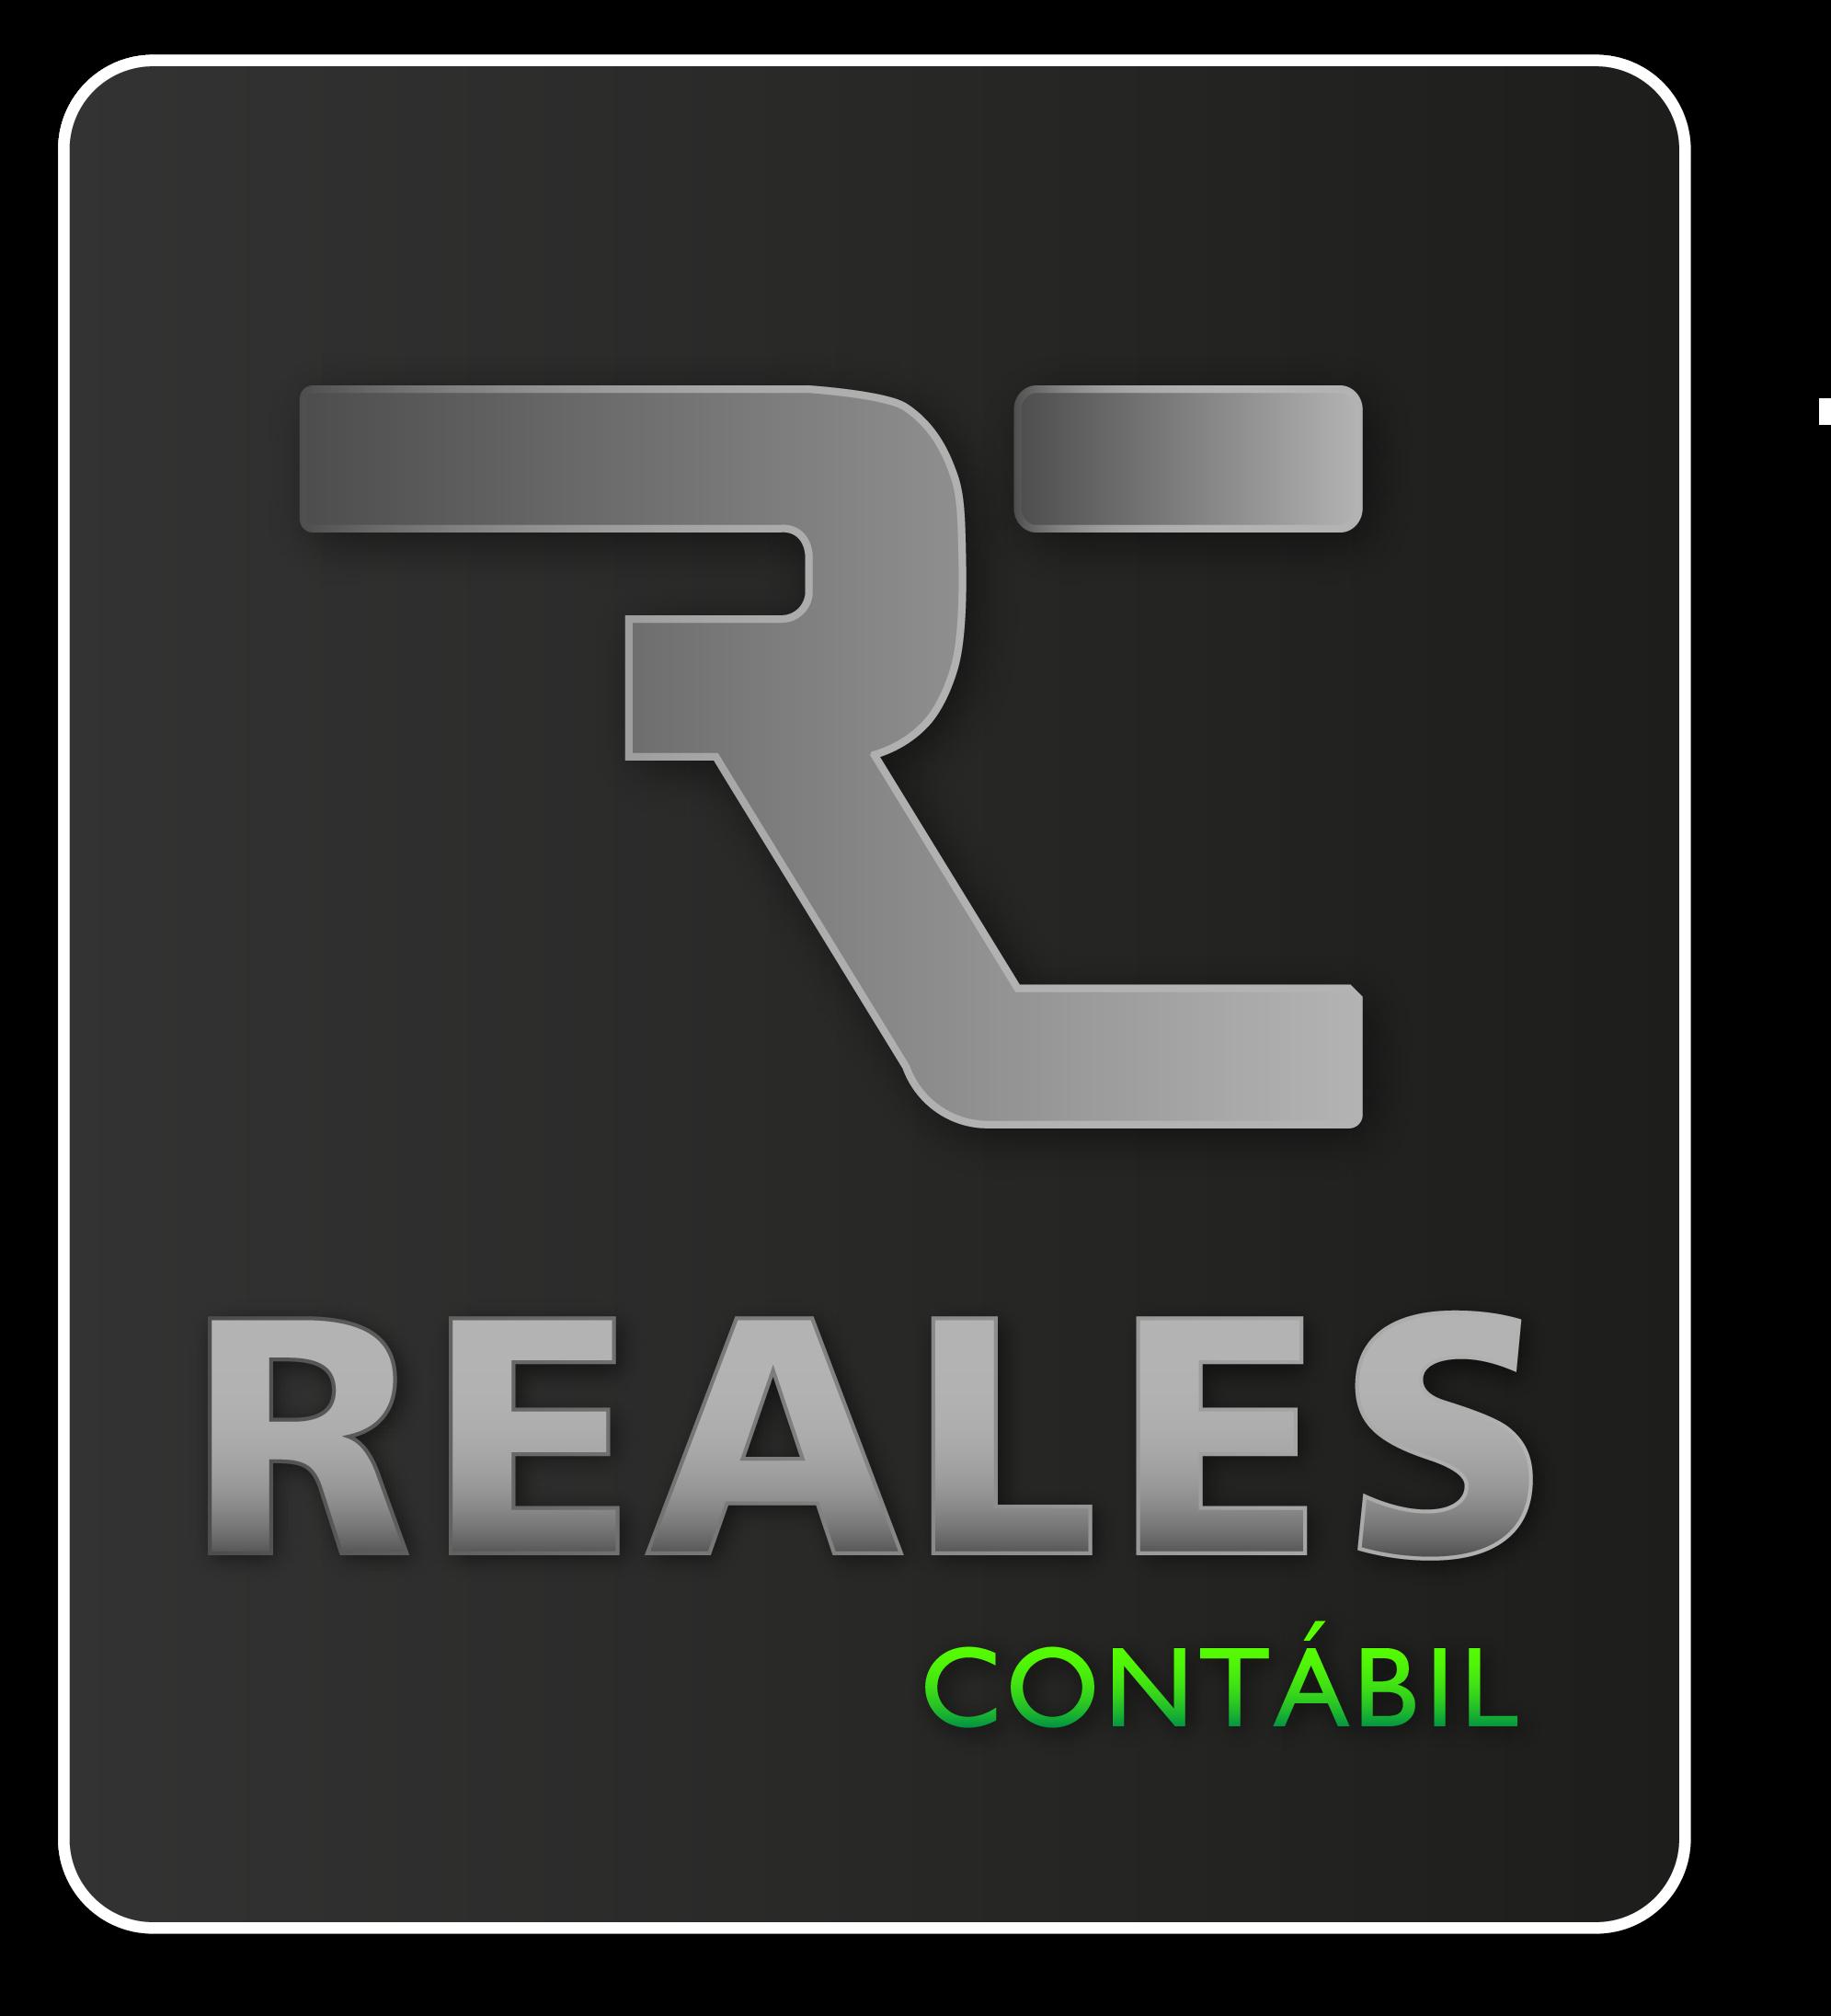 REALES CONTABIL